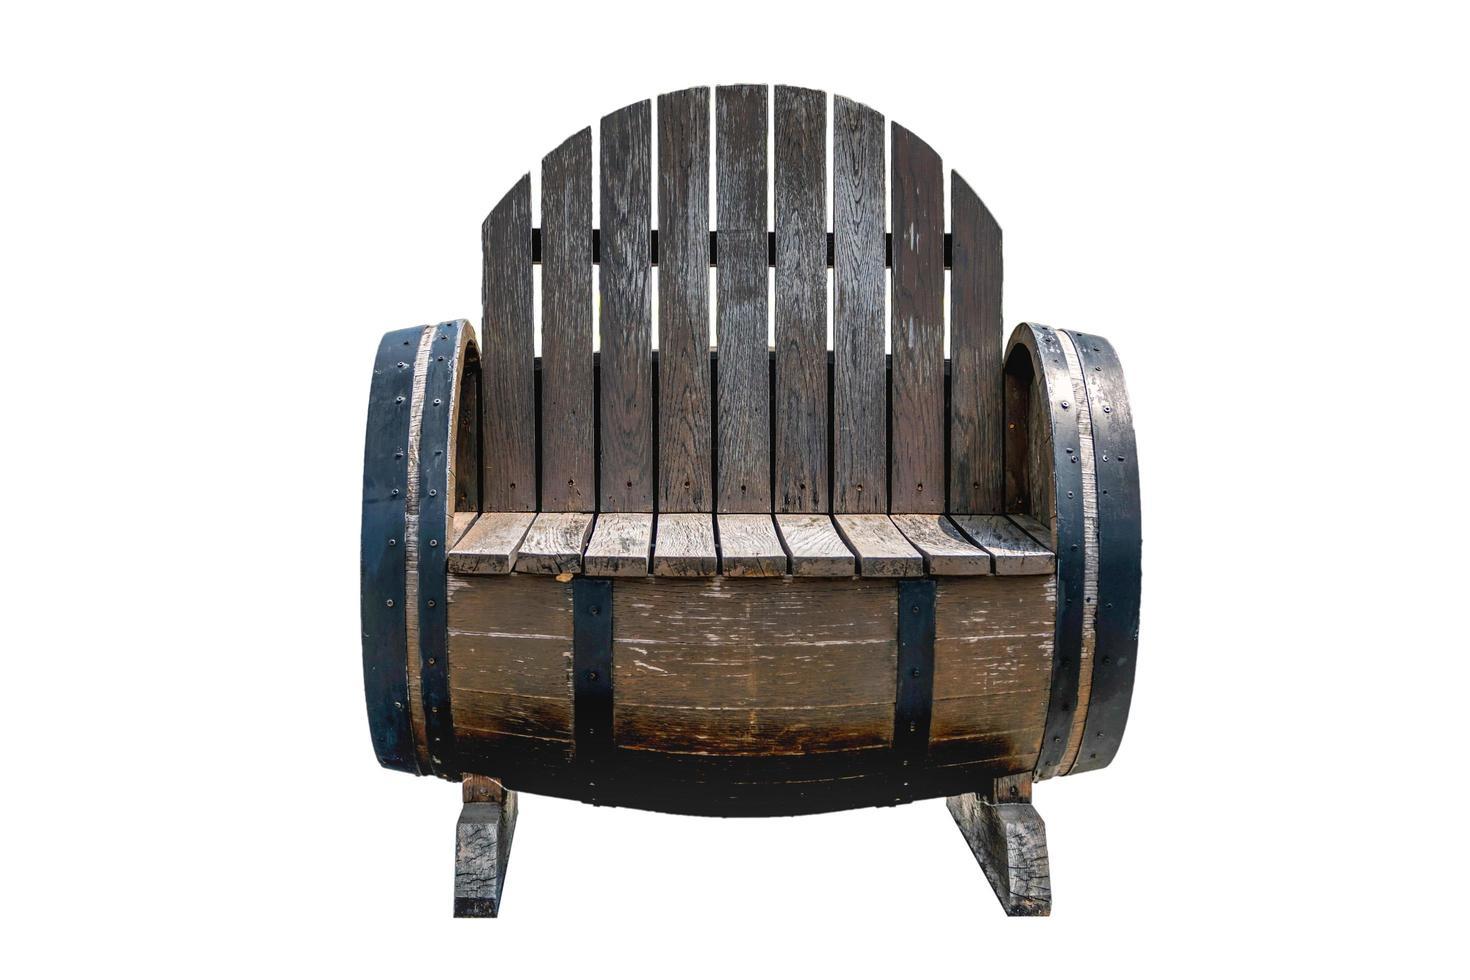 chaise en bois vintage sur fond blanc photo